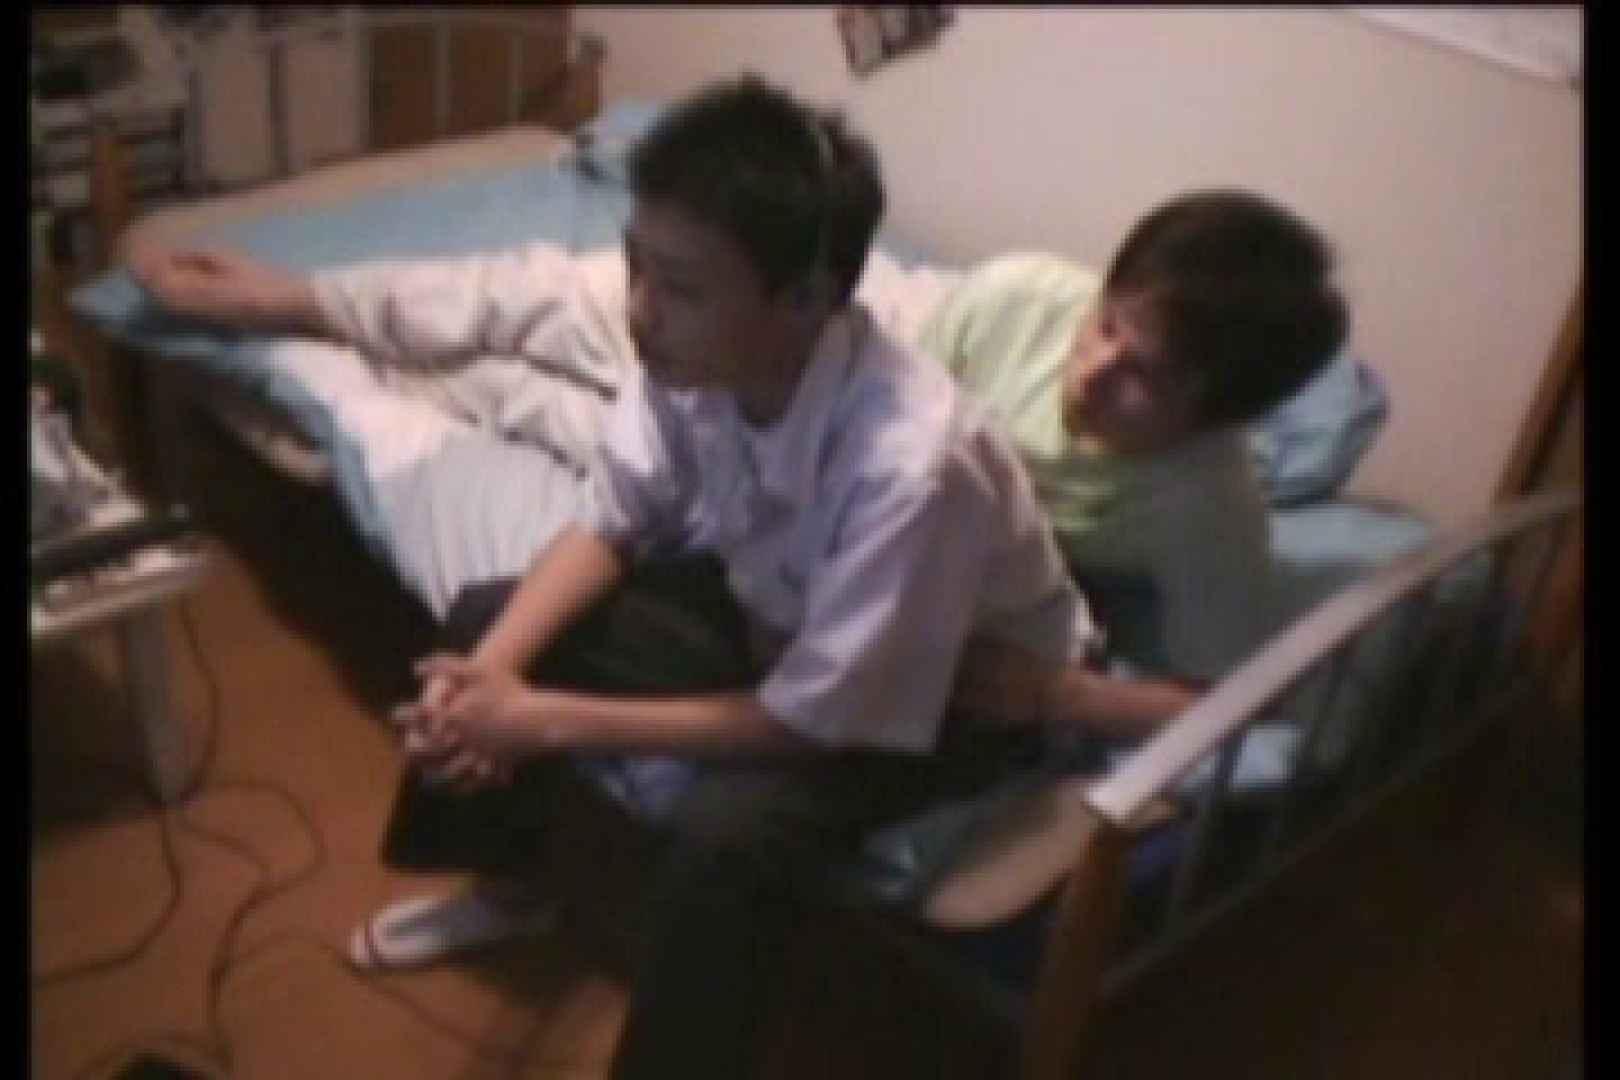 【実録投稿】友達覗撮In my room!! 射精  102pic 6